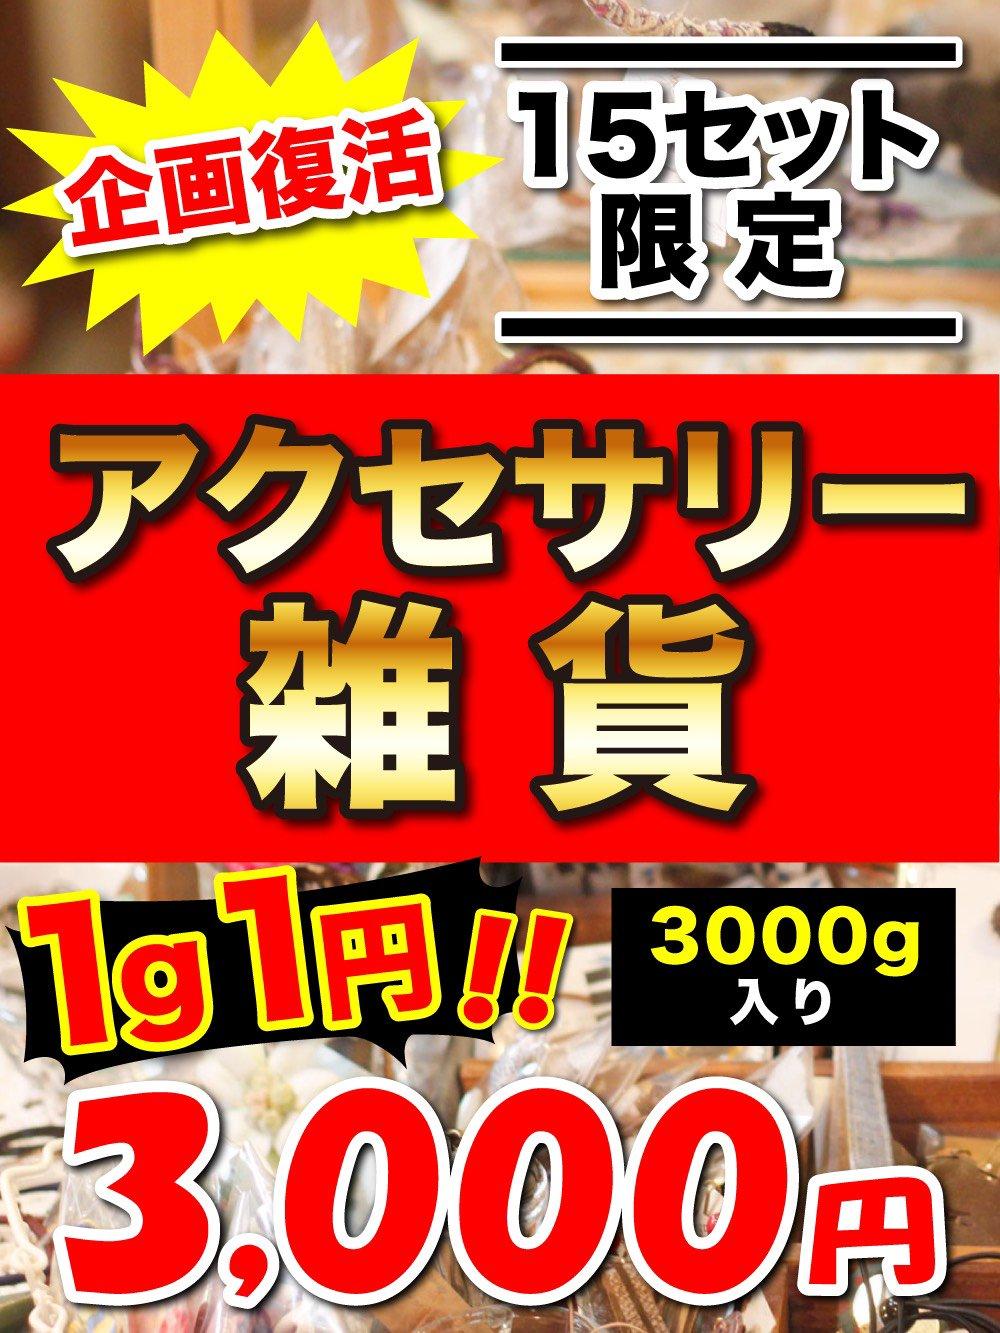 【衝撃1円!大人気ヘアアクセ・服飾系小物】新仕入れでリニューアル!1g 1円【3000g】@1